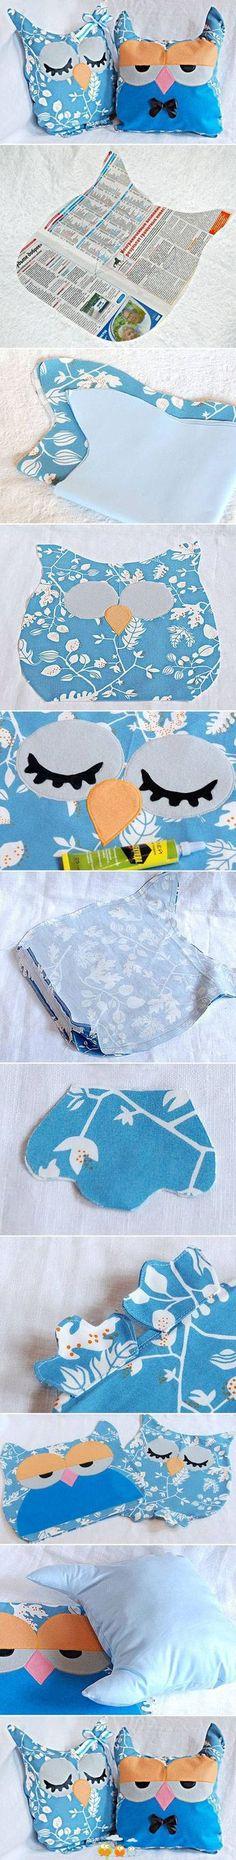 DIY Owl Cushion